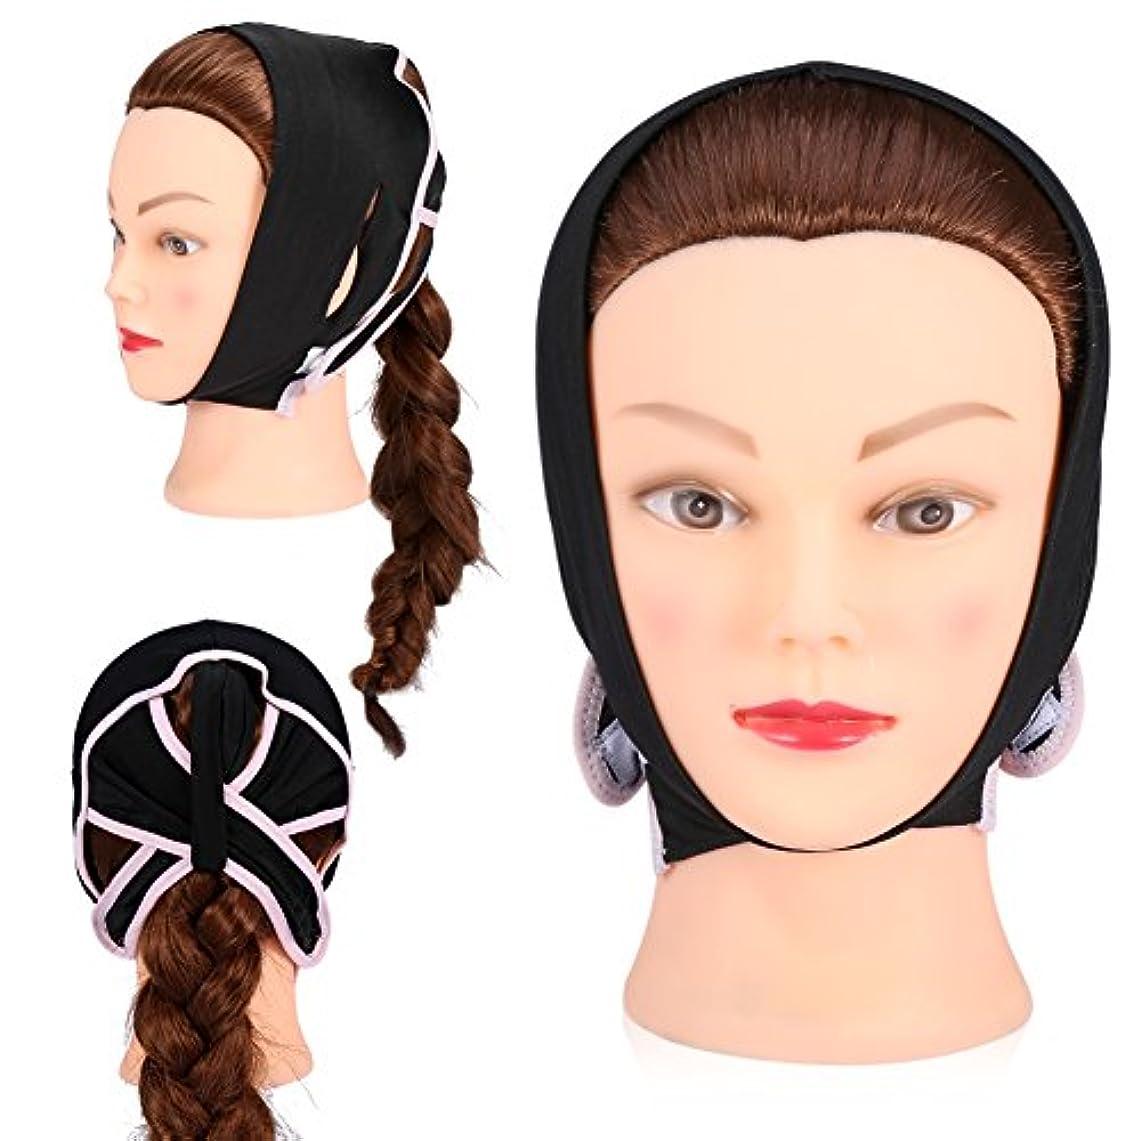 原子炉噛む葉を拾うフェイスケアのための顔面V字型包帯フェイシャルスリミングマスク薄い首のフェイスリフトダブルチン女性用、黒(L)